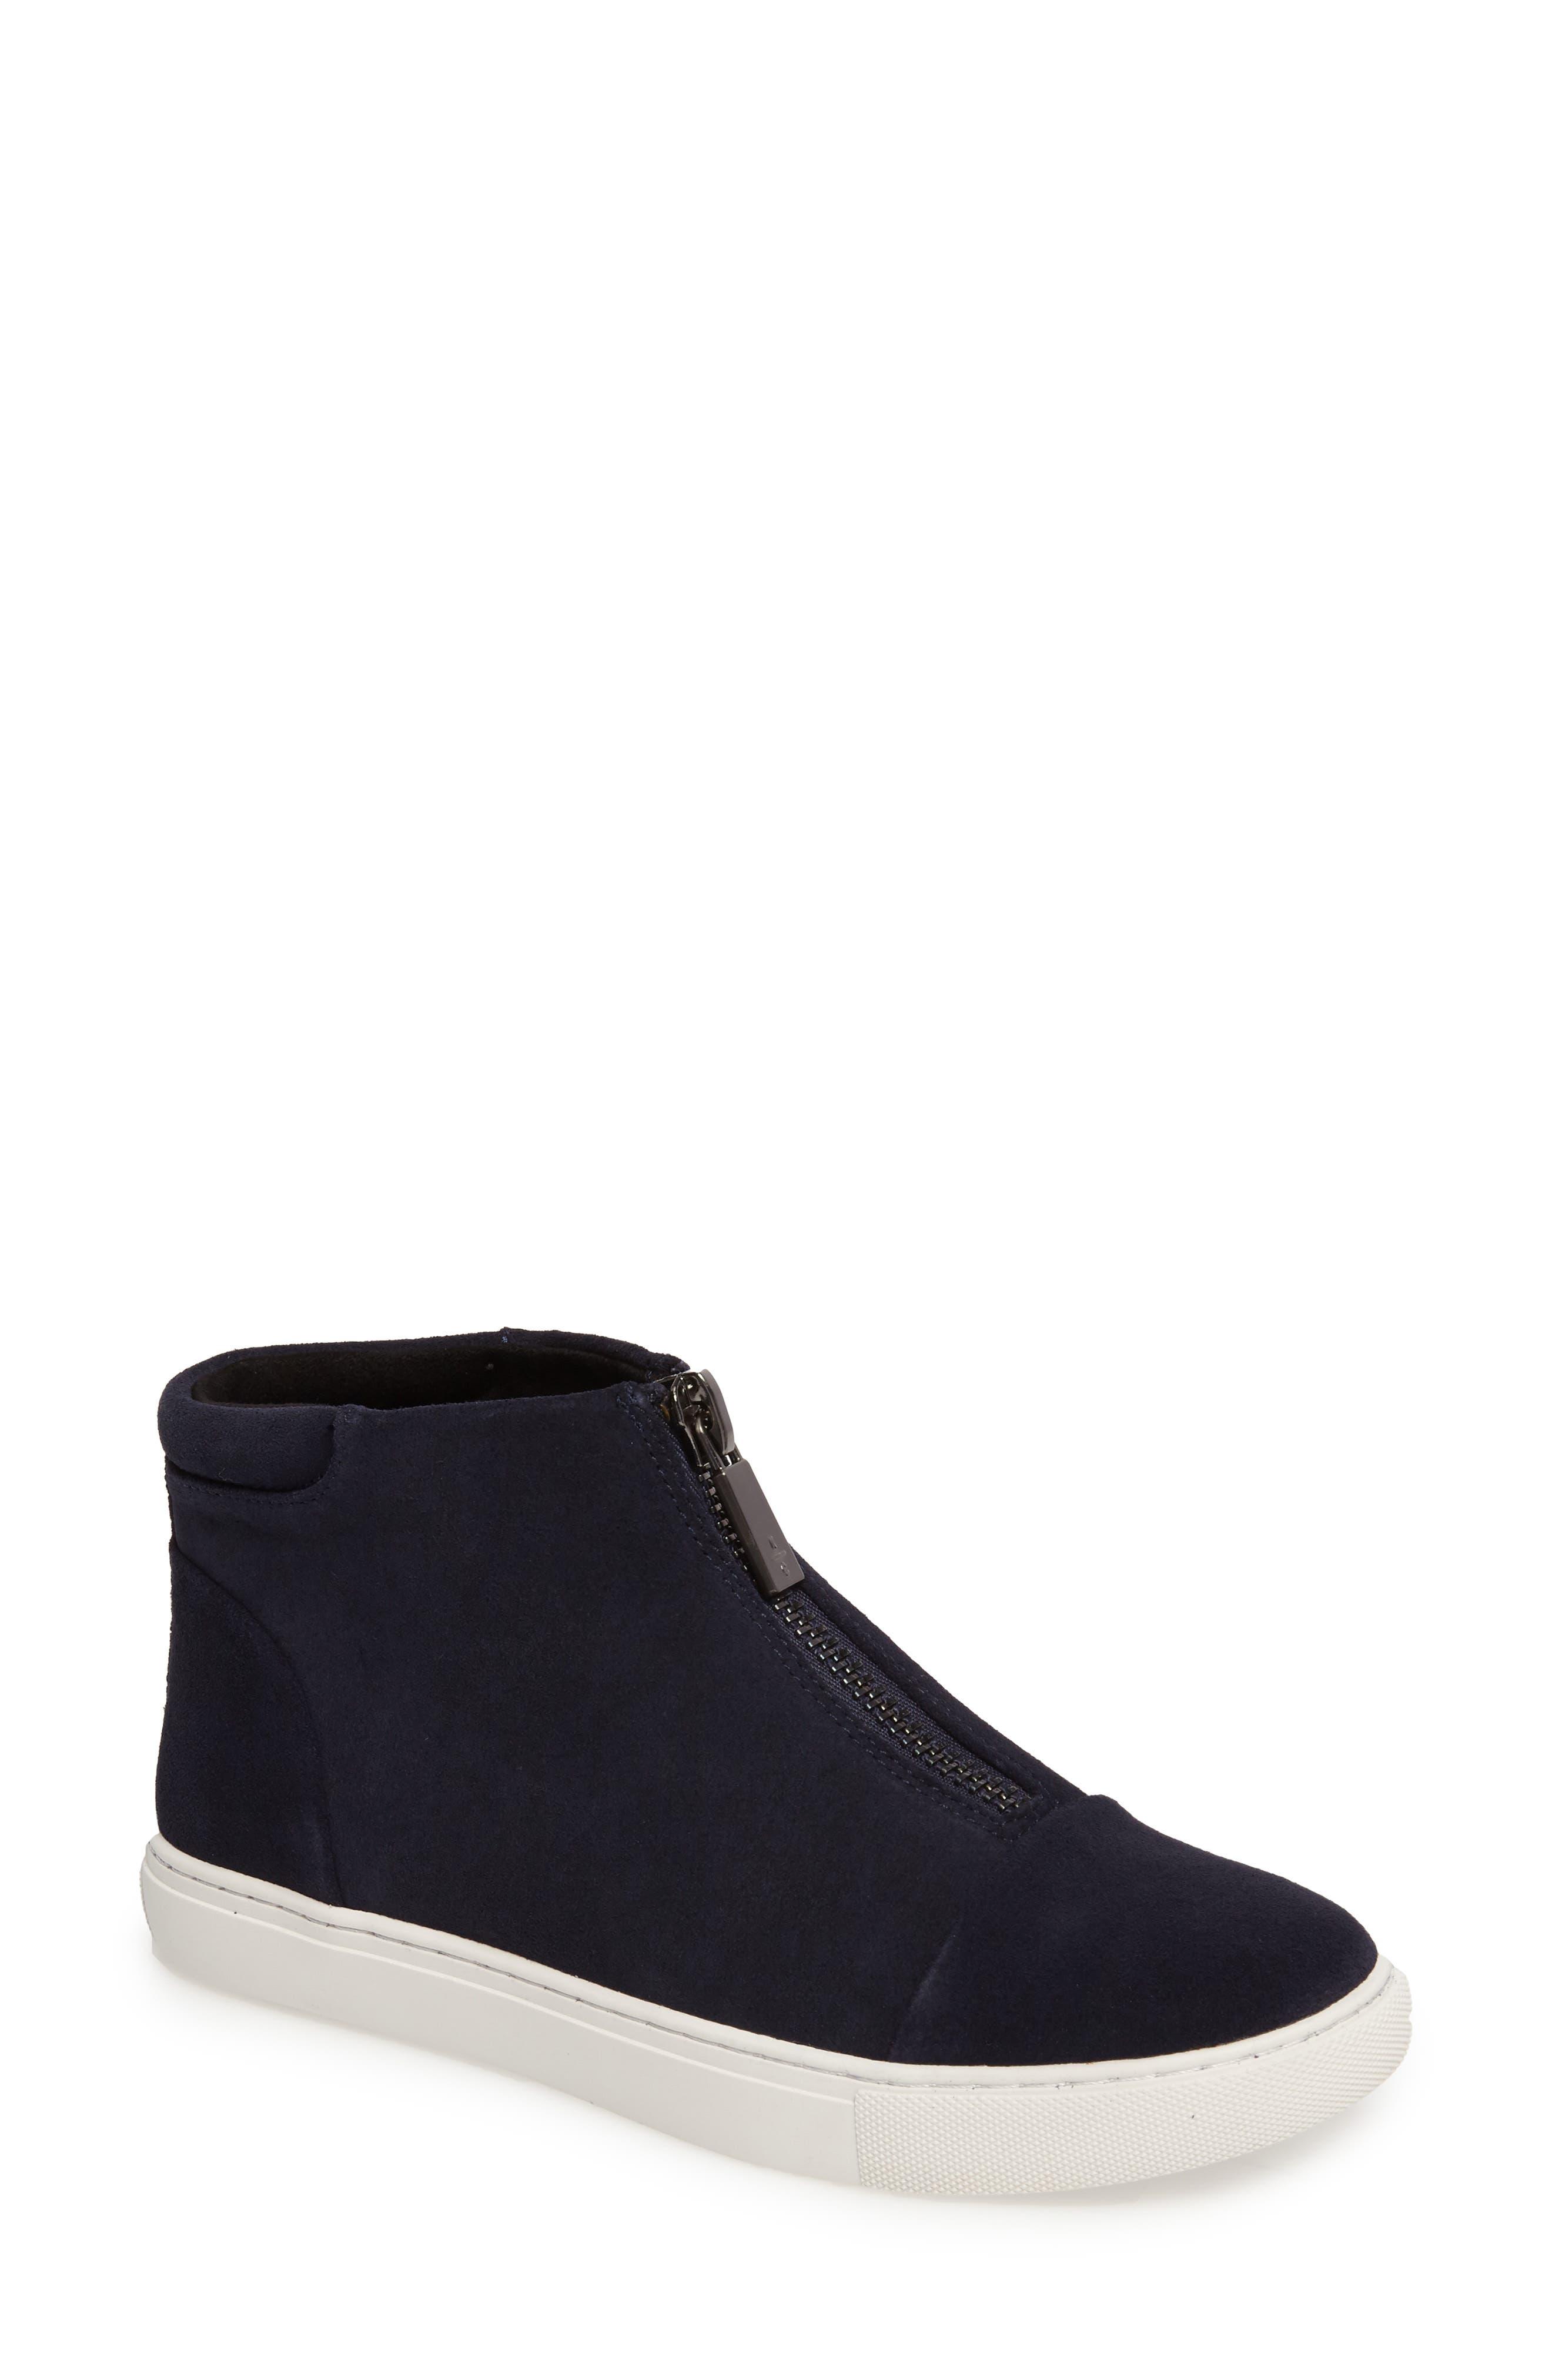 Main Image - Kenneth Cole New York Kayla Zip Sneaker (Women)